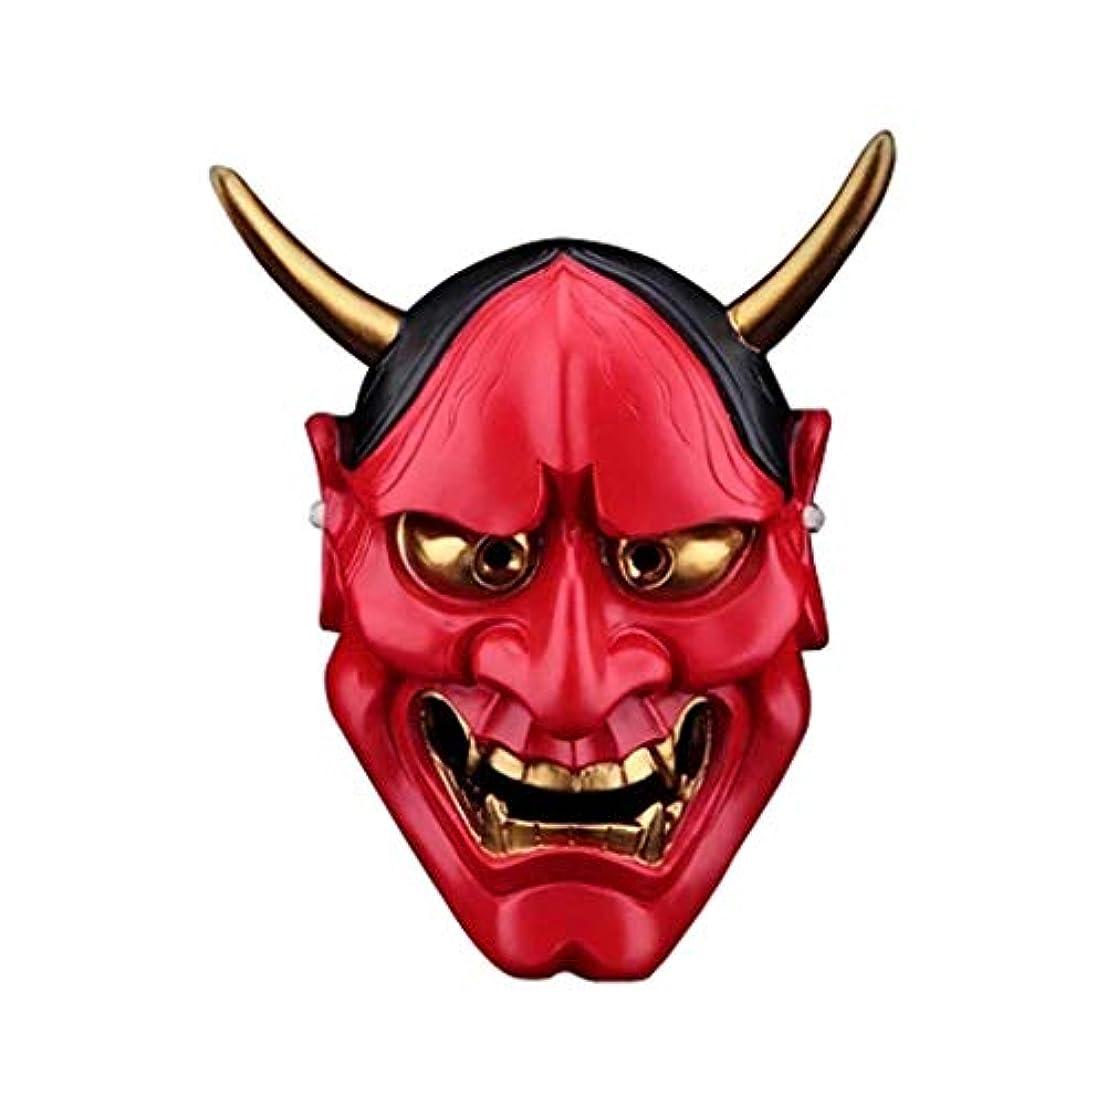 欠かせない有効コンプリートハロウィンホラーマスク、成人用樹脂マスクデコレーション (Color : SILVER)